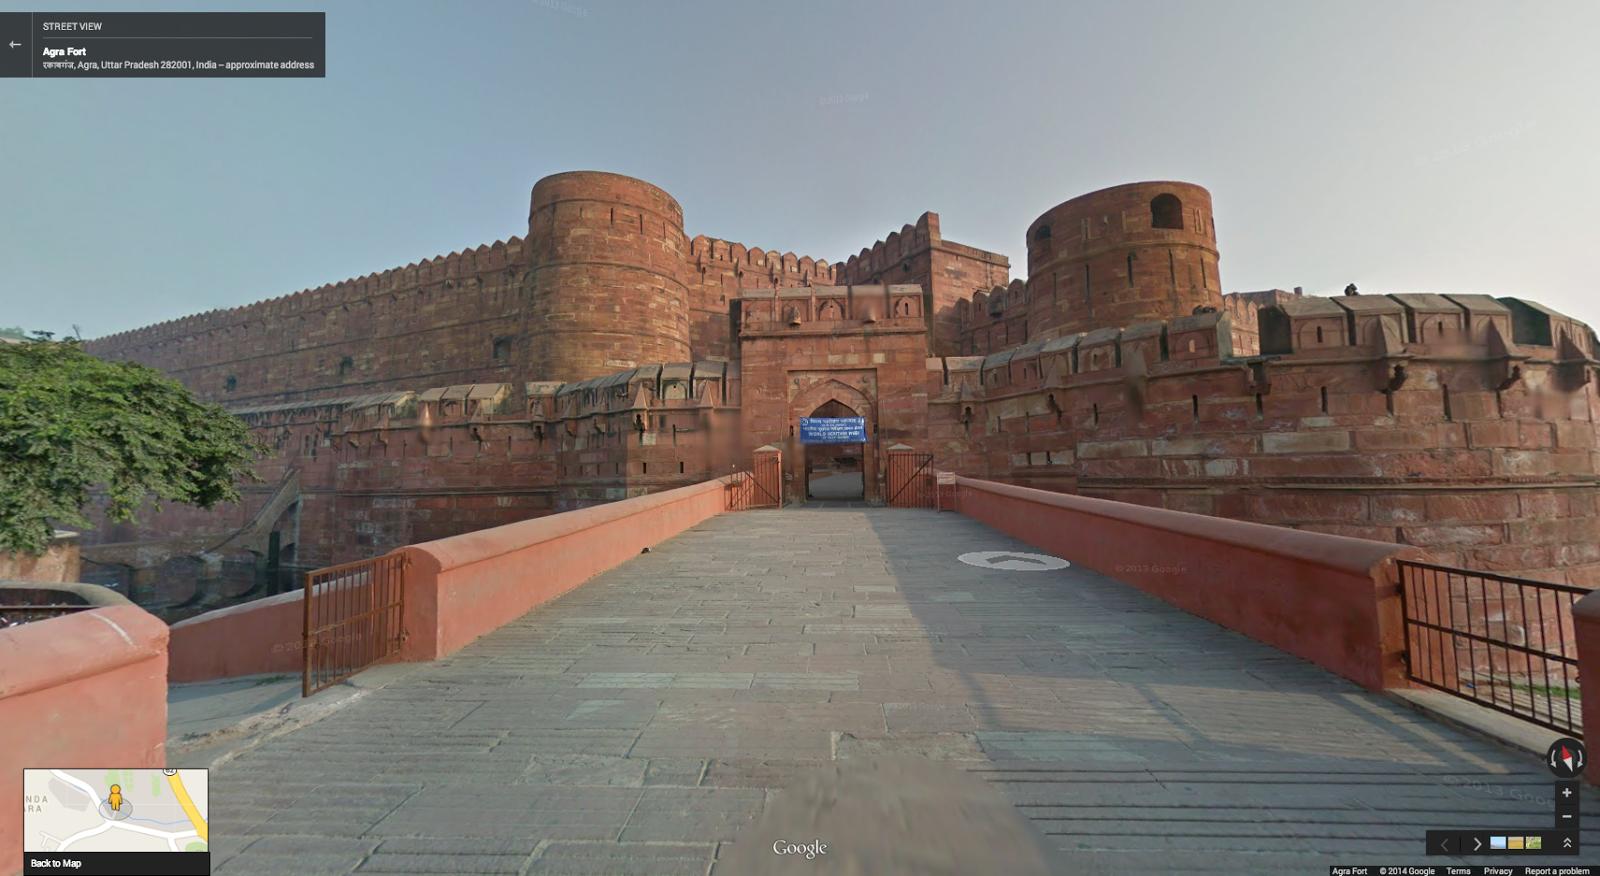 red fort in hindi 28 अप्रैल 2018  हजारों करोड़ खर्चकर शिवाजी और पटेल की मूर्ति लगाने वाले  देश में विरासतों को संभालना क्या इतना.